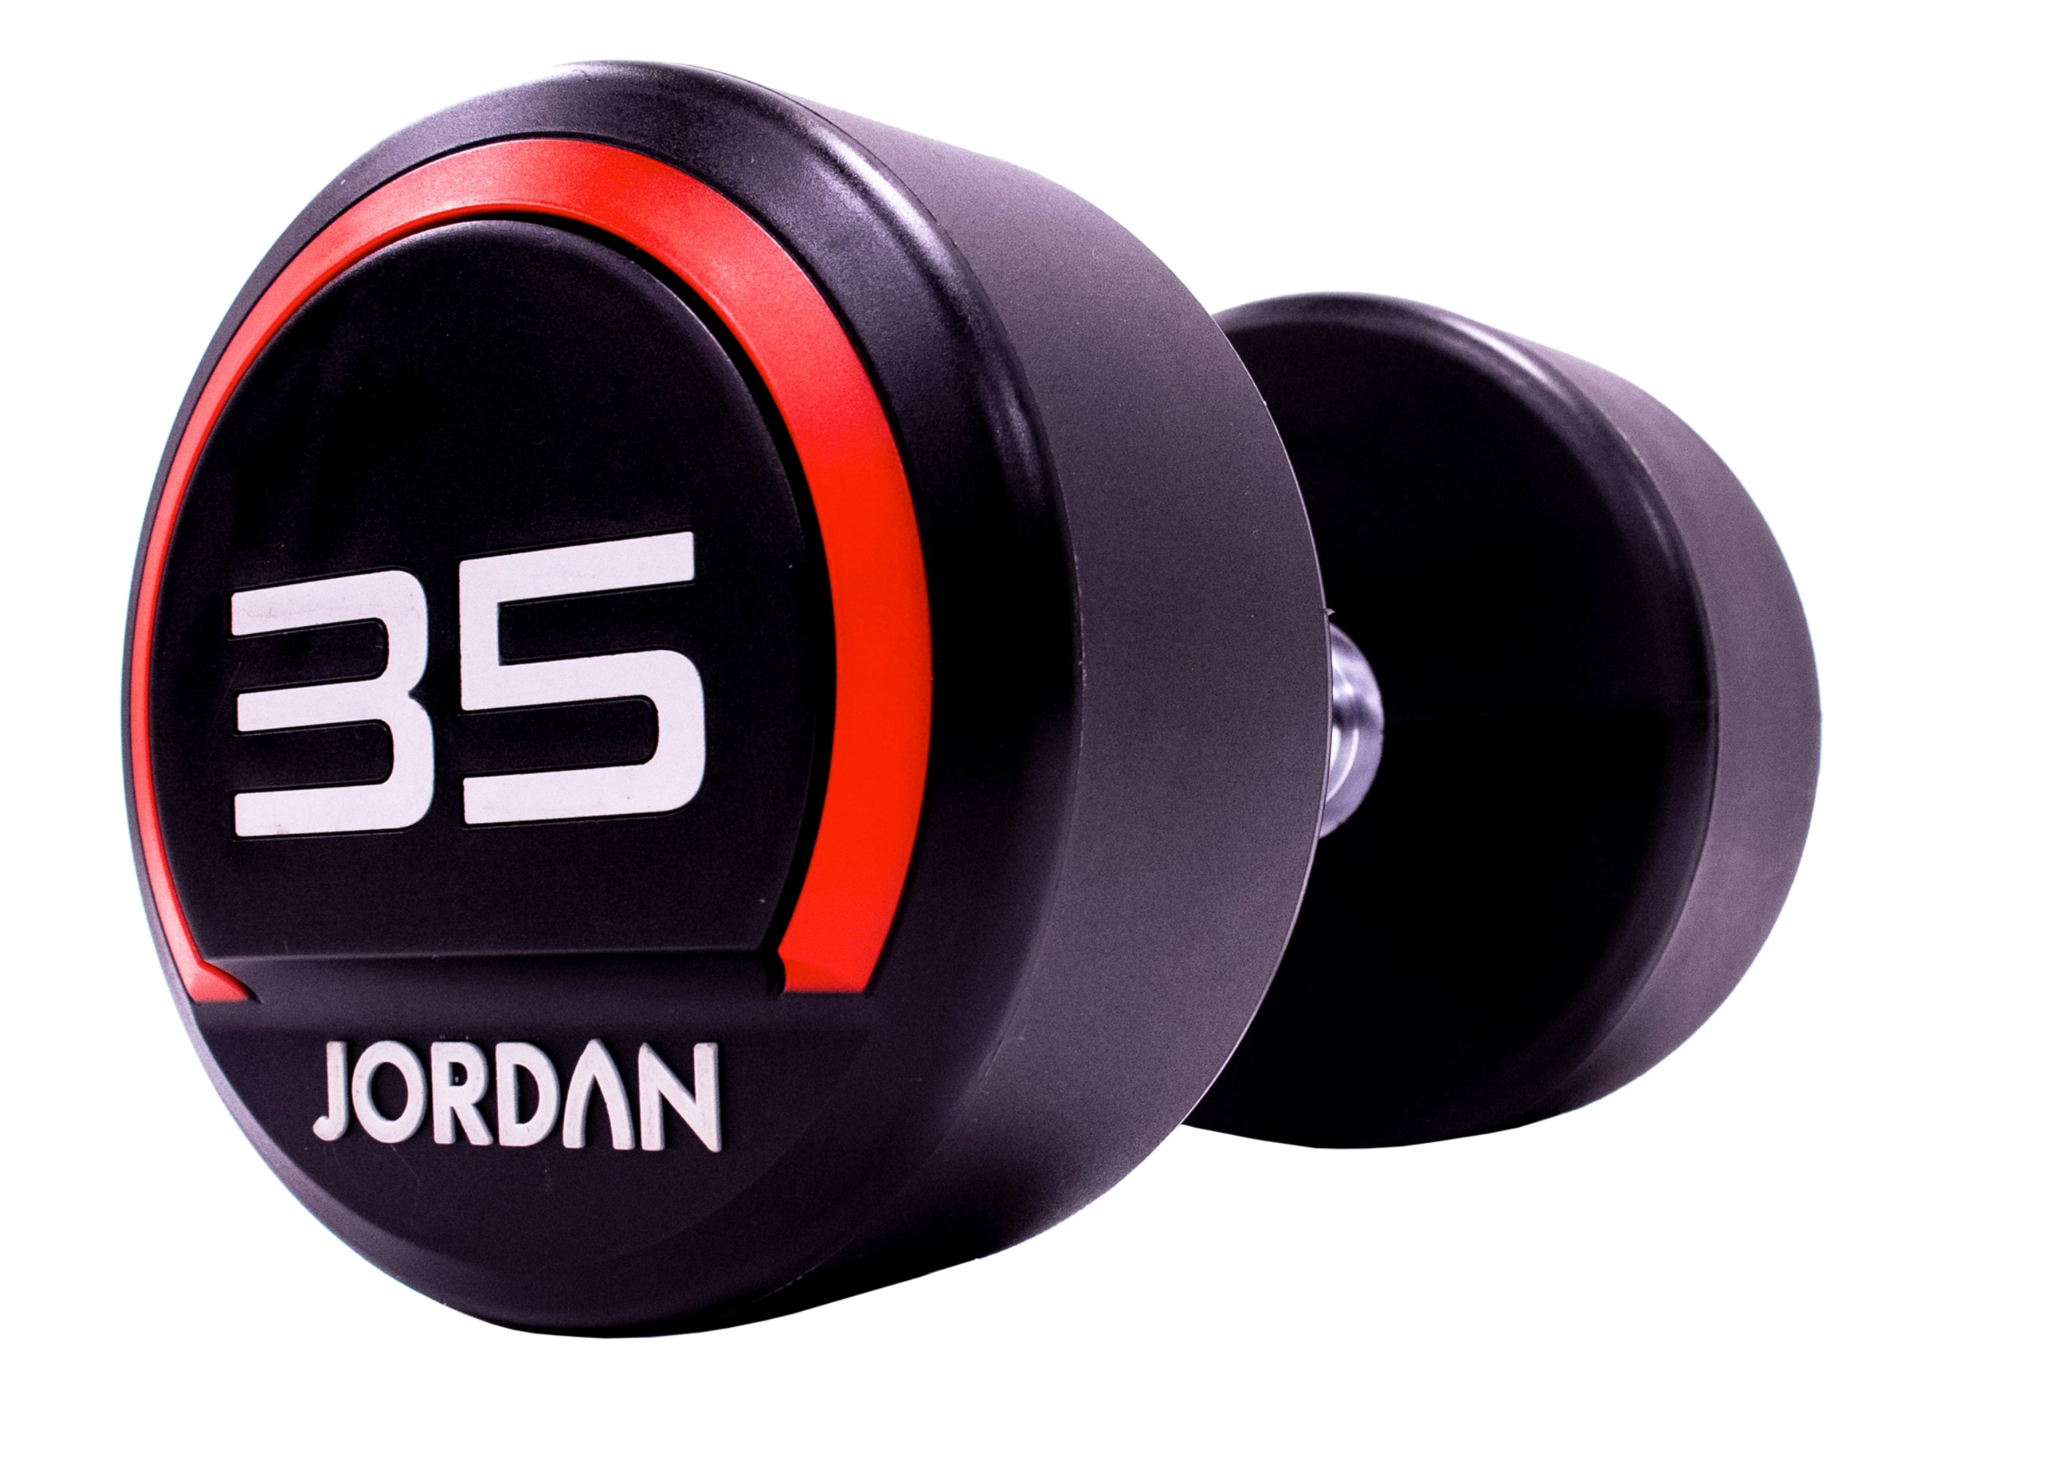 Jordan Premium Urethane Dumbbell Set 65kg-75kg Urethane Dumbbells (2.5kg increments/5 pairs) + Jordan 5 Pair Dumbbell Rack